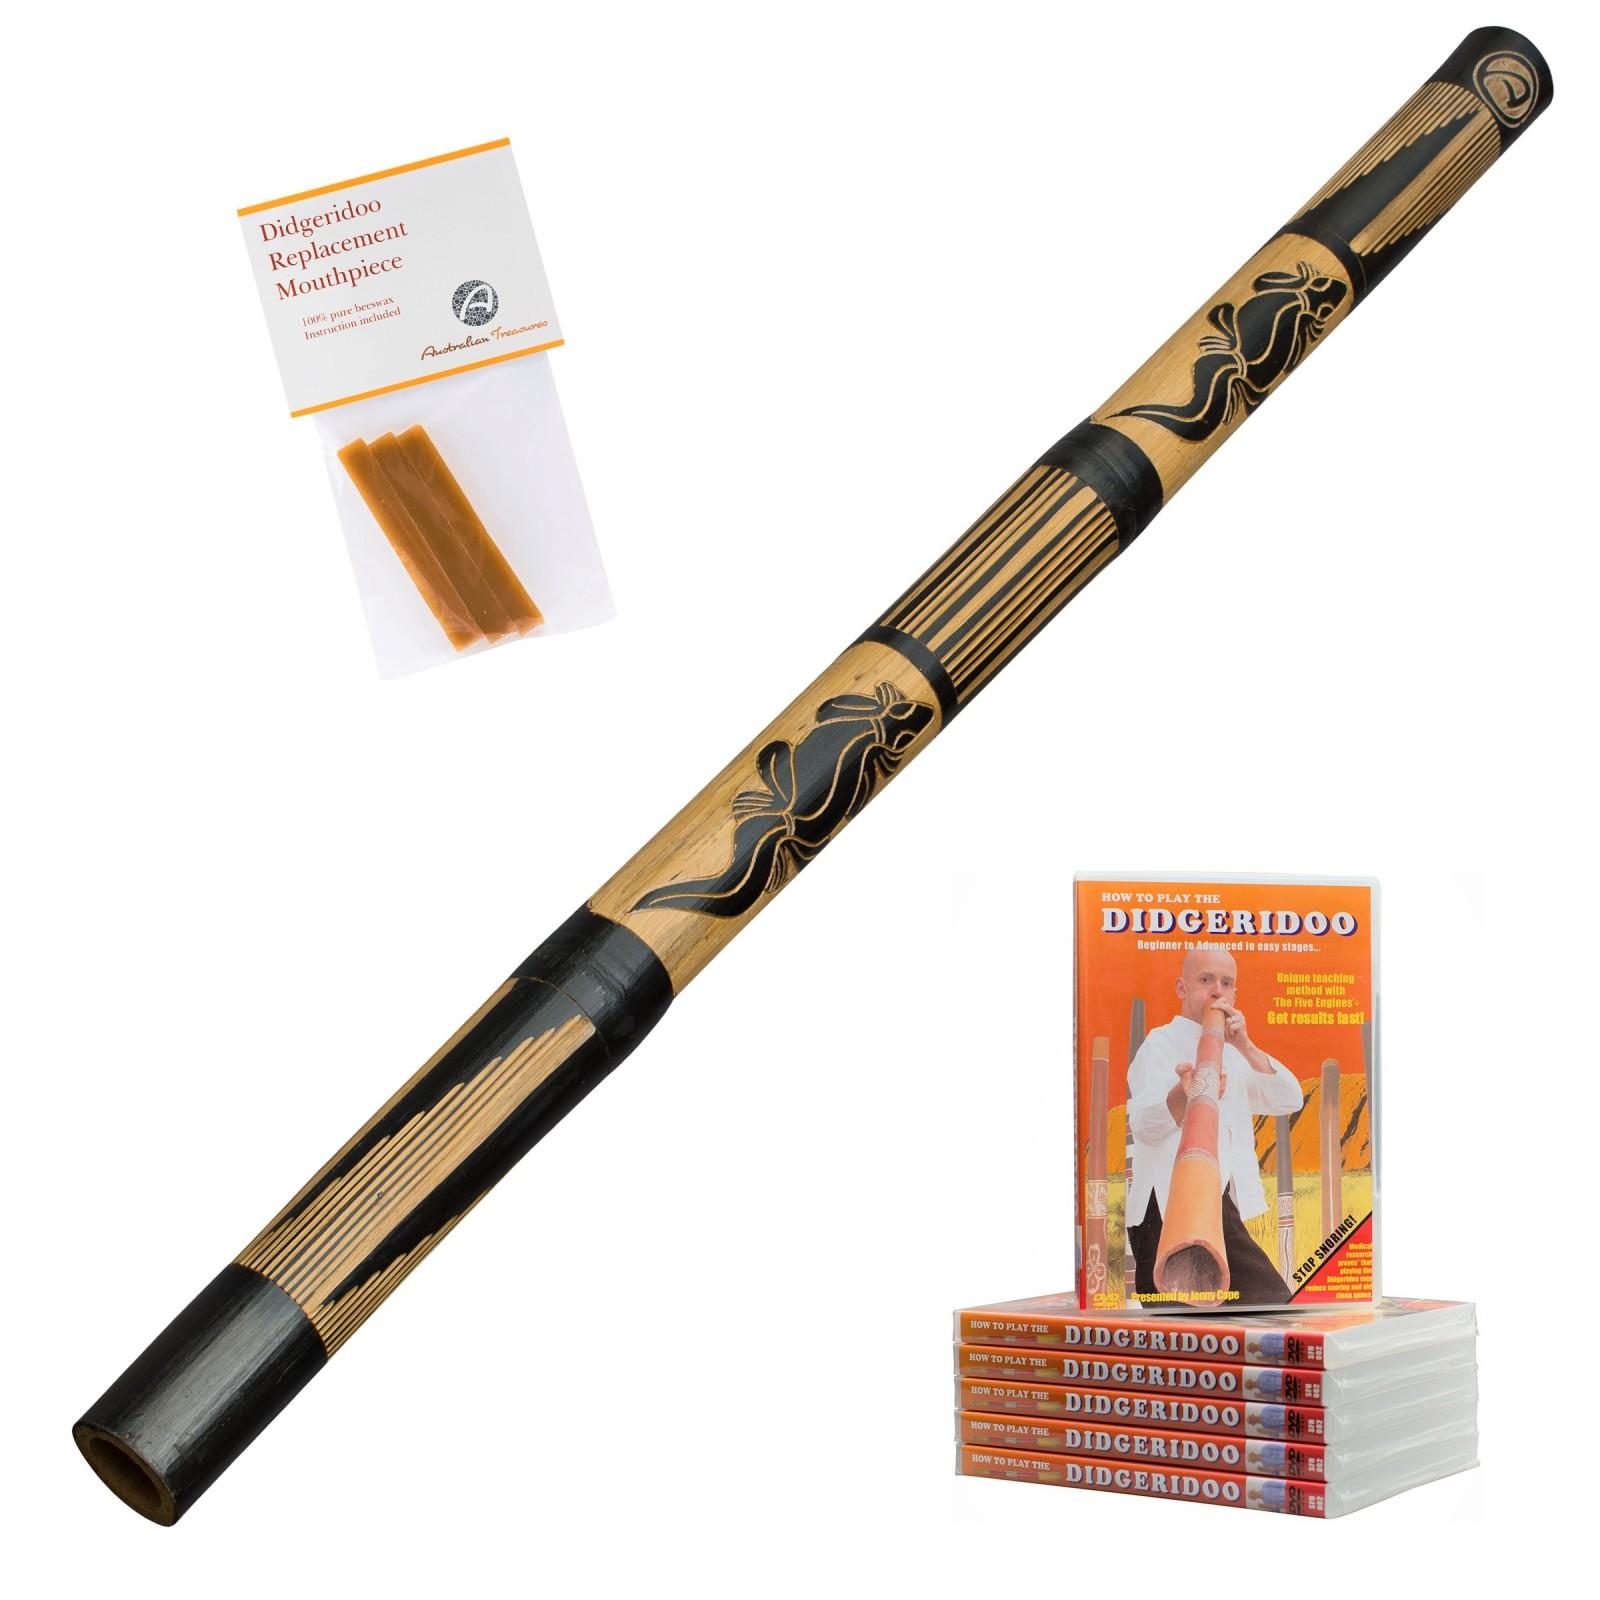 Didgeridoo Starterpack